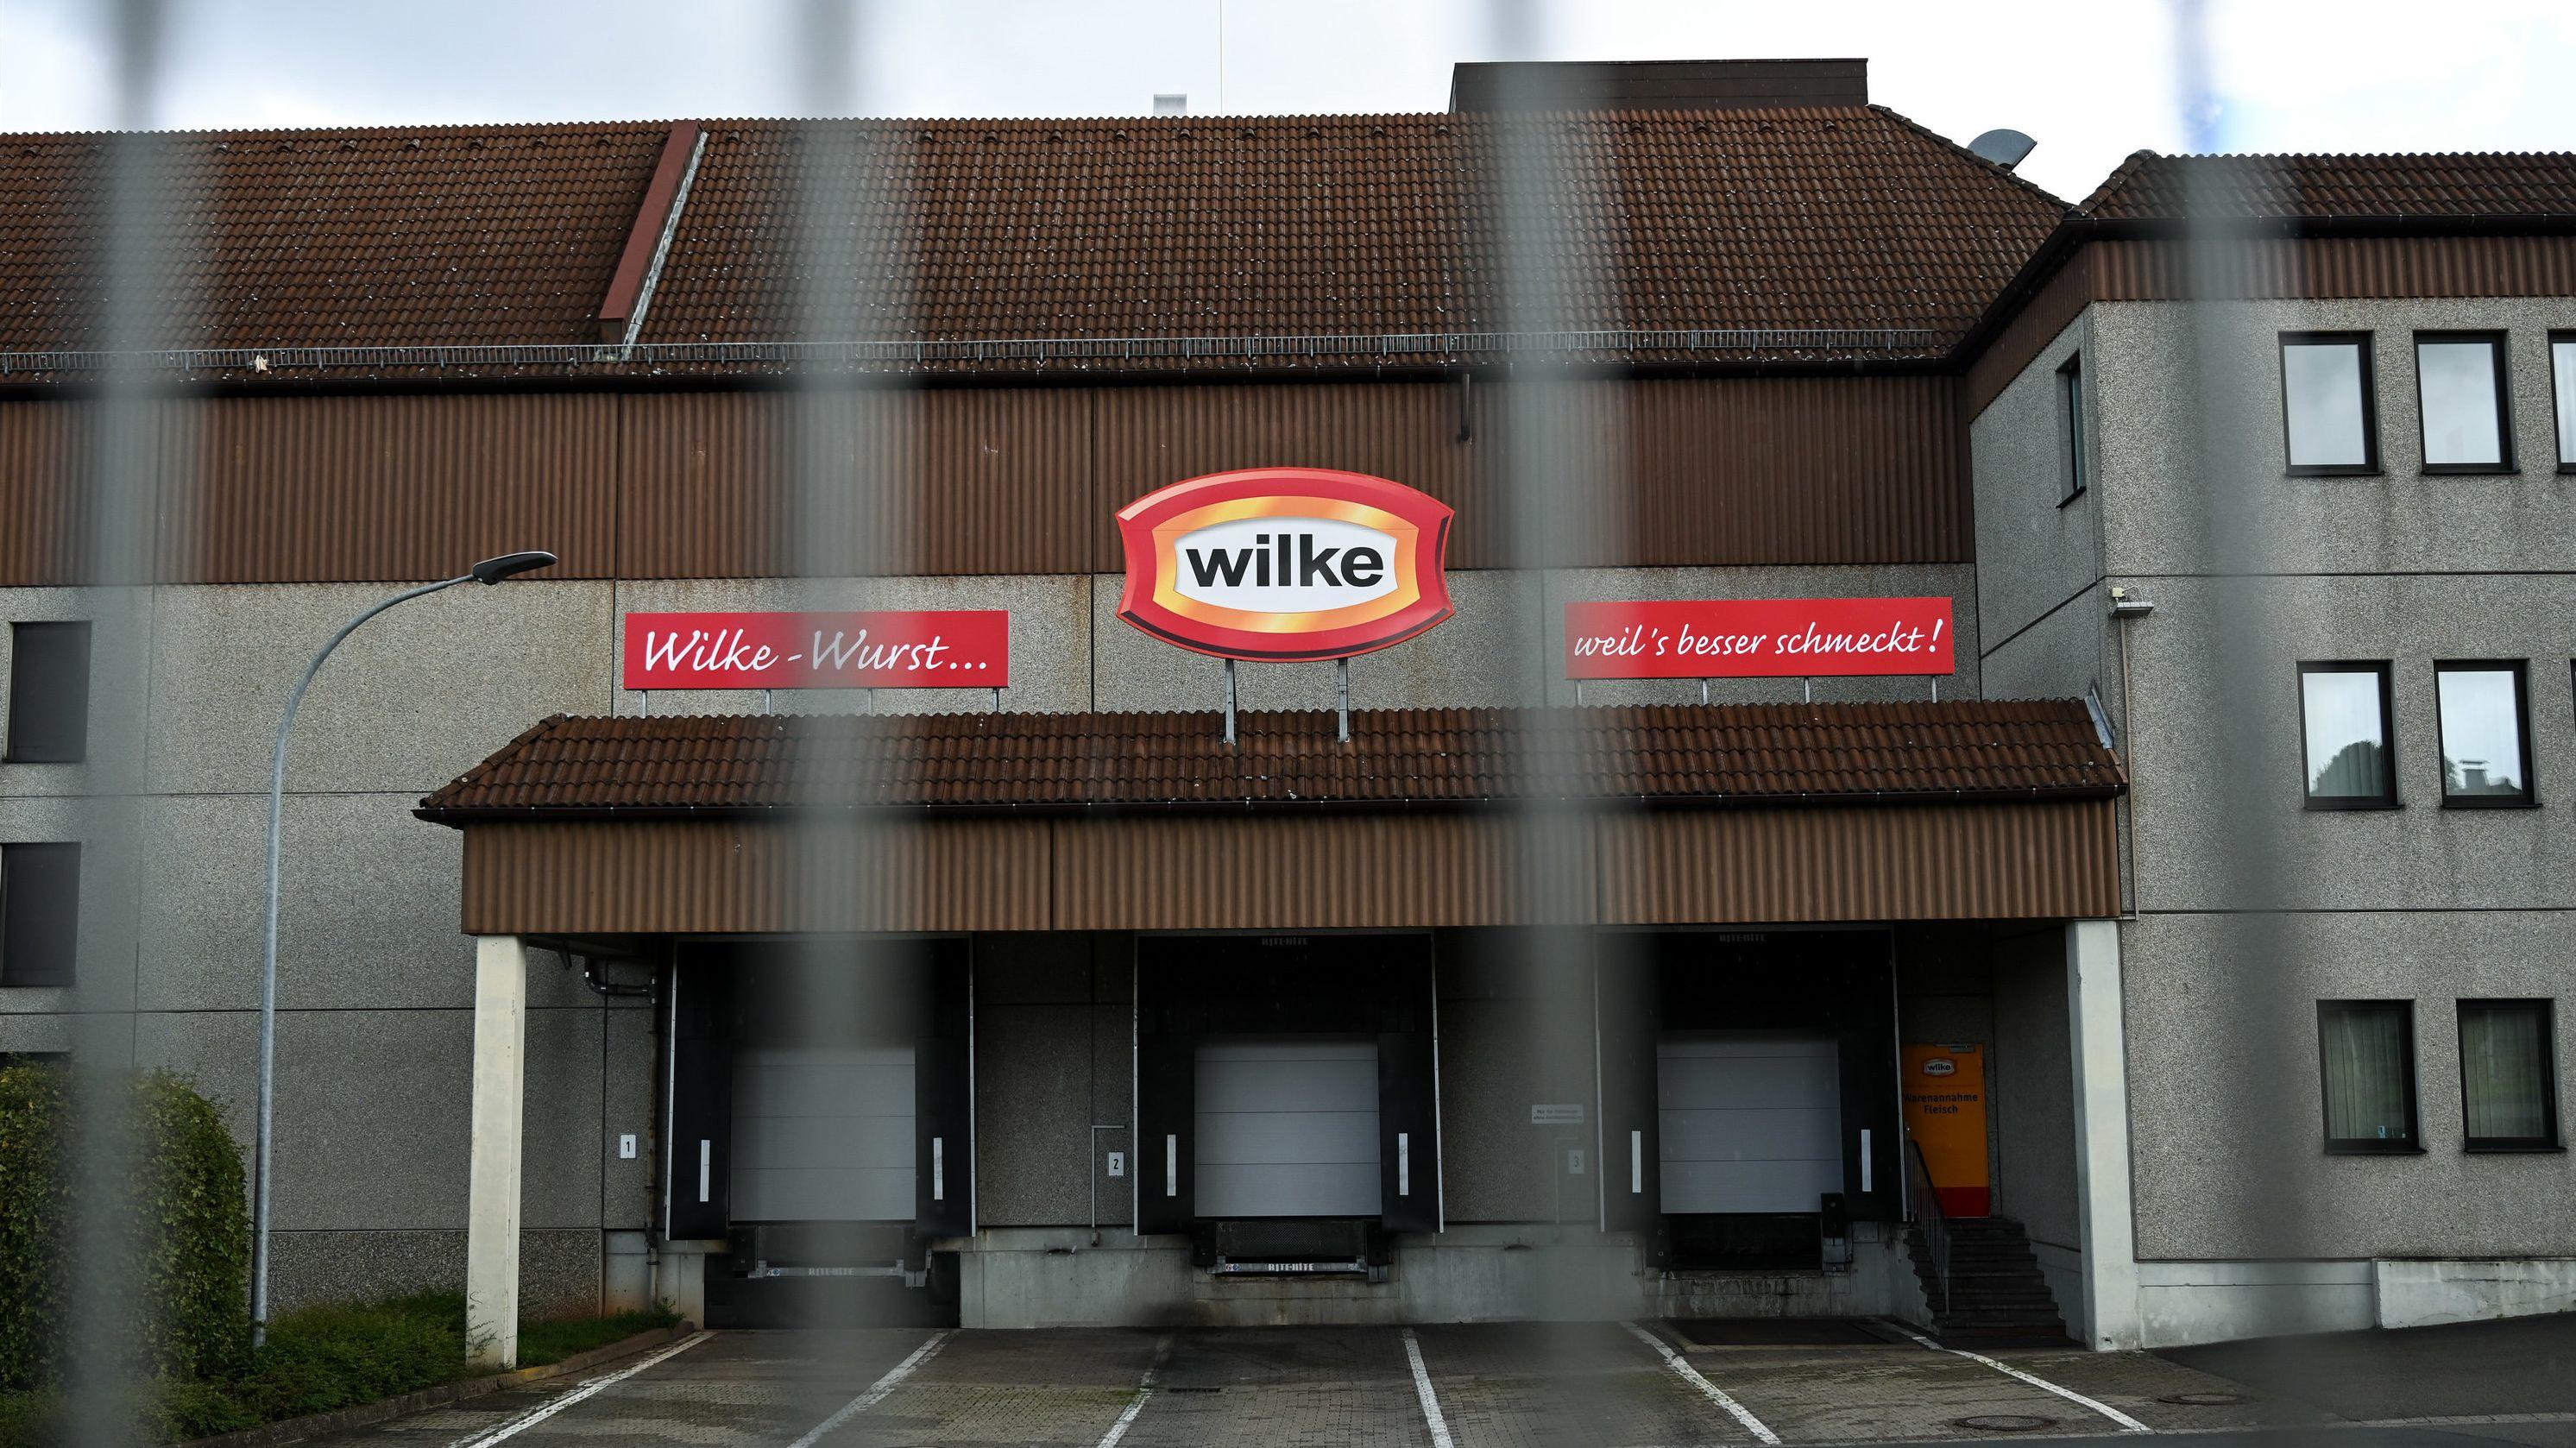 Firmengebäude von Wilke Wurstwaren in Twistetal Hessen.